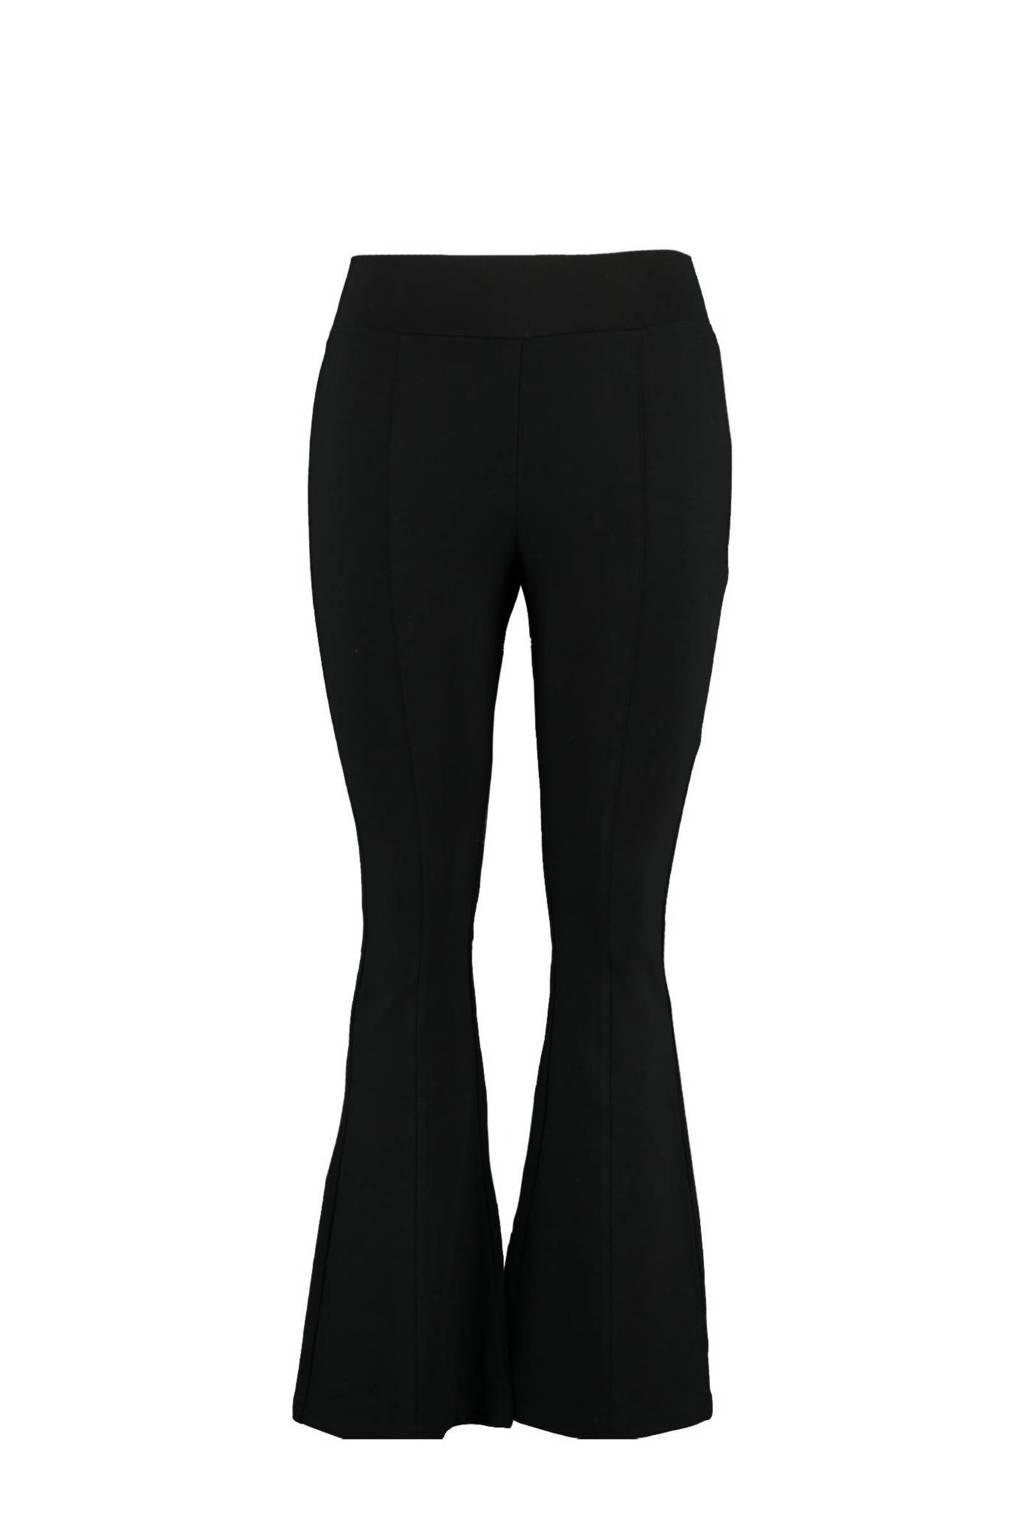 MS Mode Plus Size flared legging zwart, Zwart